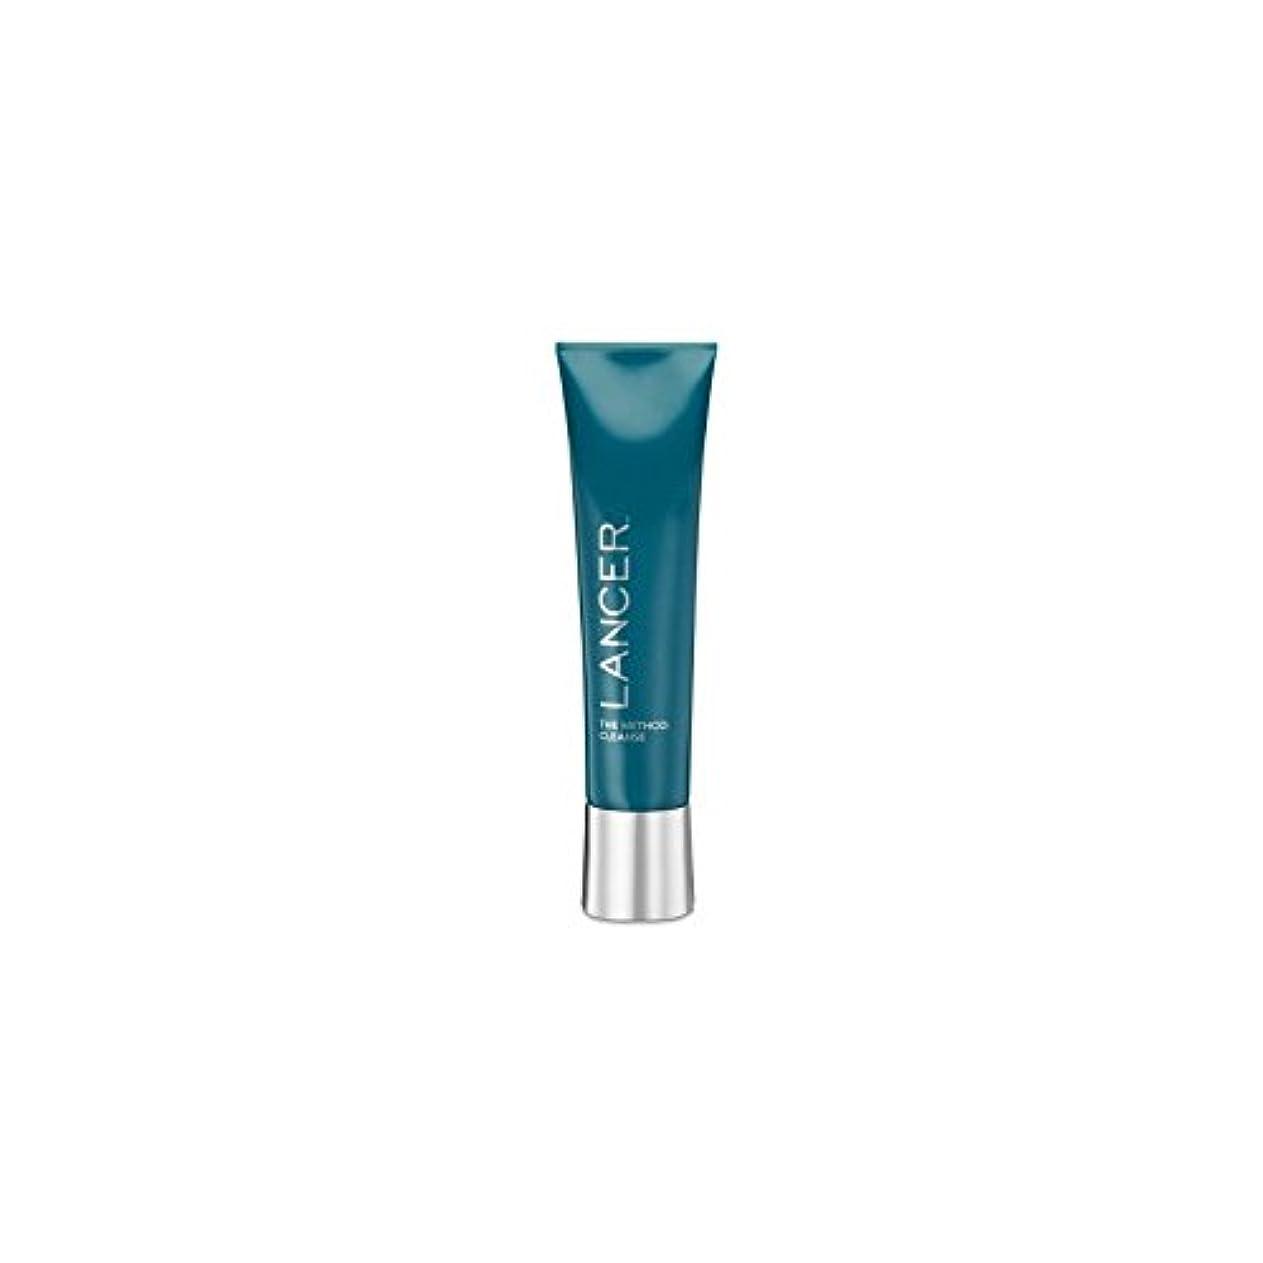 確かに必要条件公演Lancer Skincare The Method: Cleanser (120ml) (Pack of 6) - クレンザー(120ミリリットル):ランサーは、メソッドをスキンケア x6 [並行輸入品]